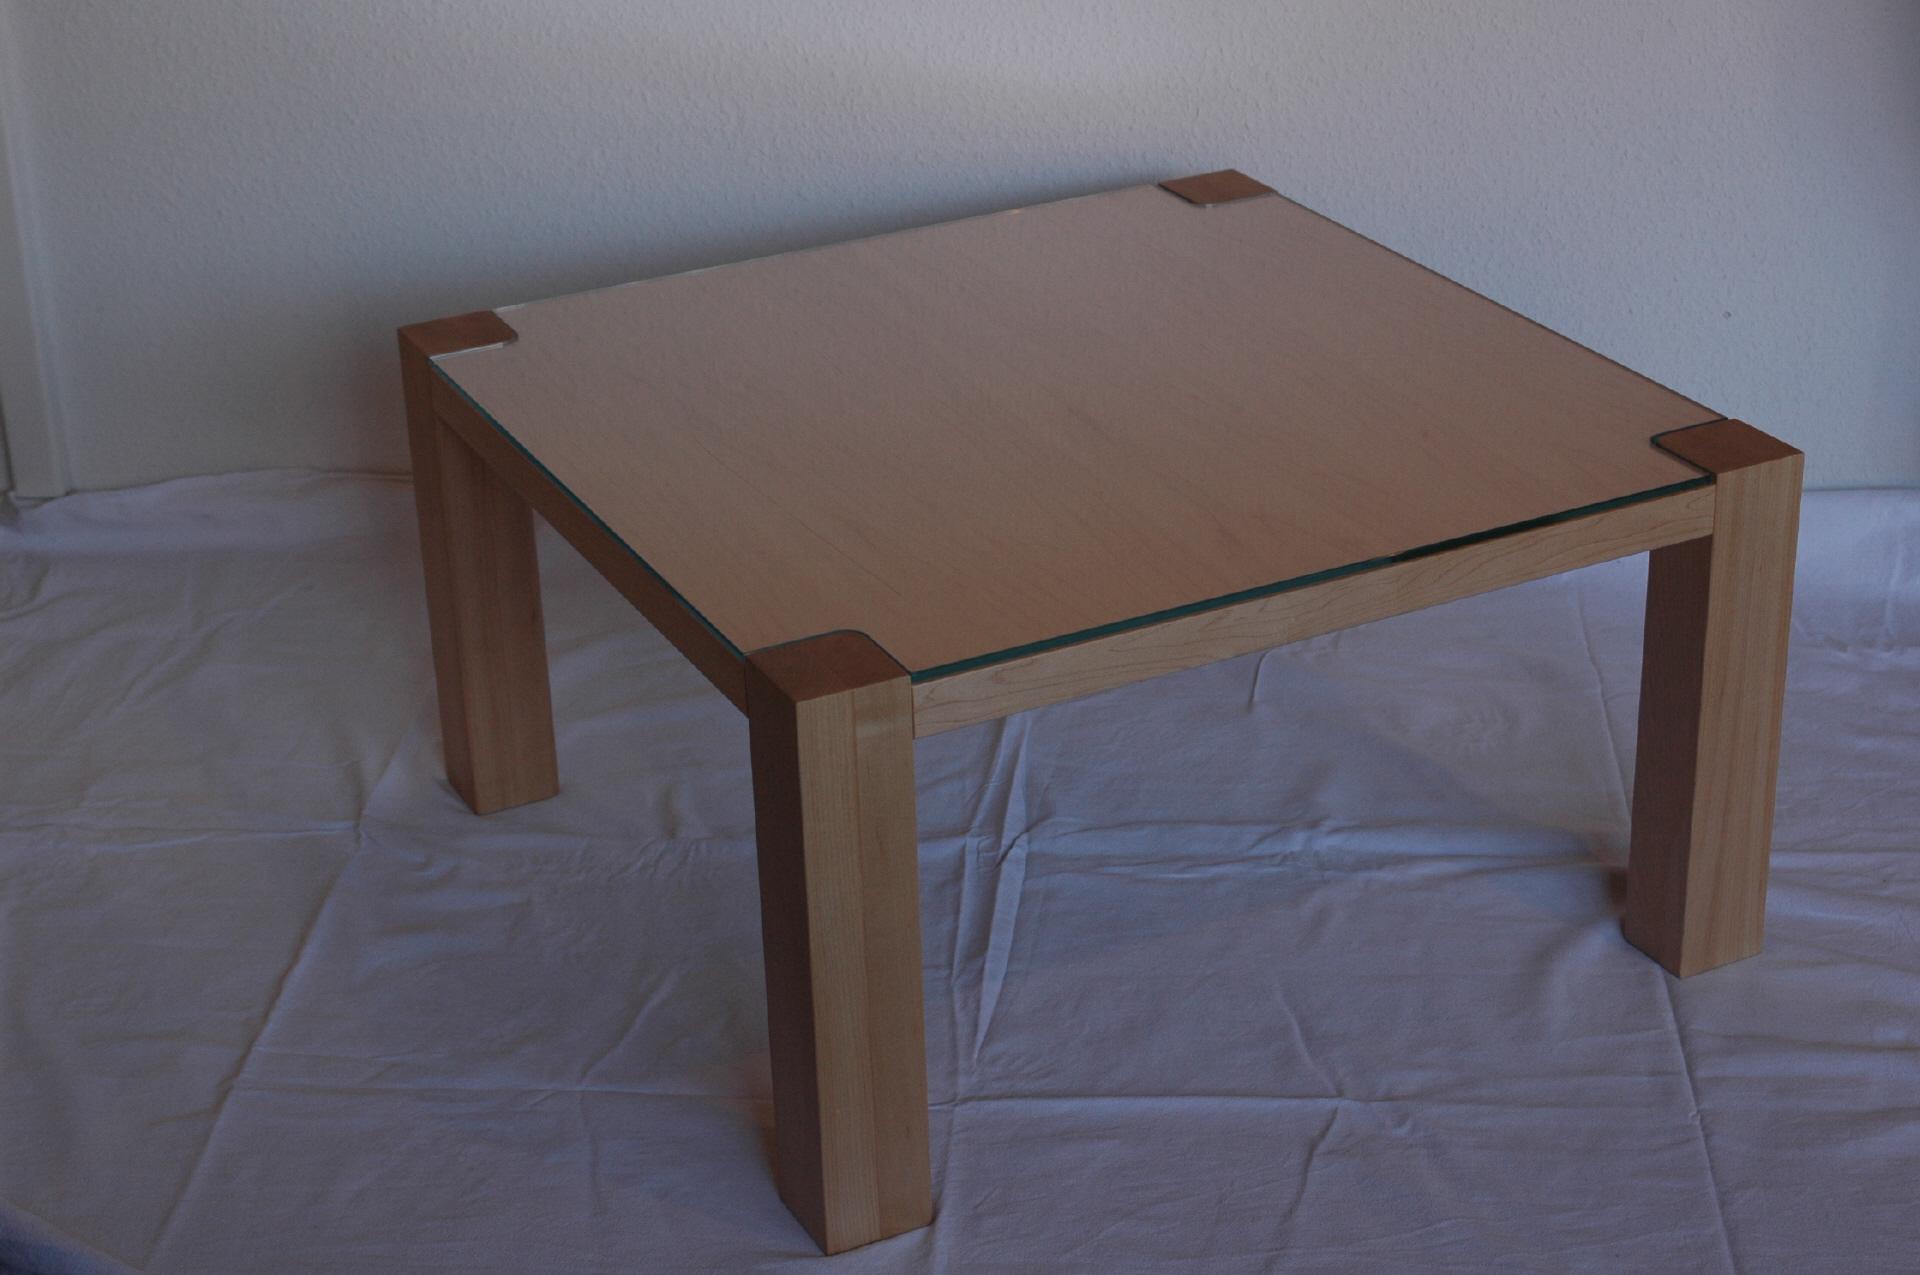 Couchtisch ahorn elegant wohnzimmer couchtisch modelle for Couchtisch ahorn glas